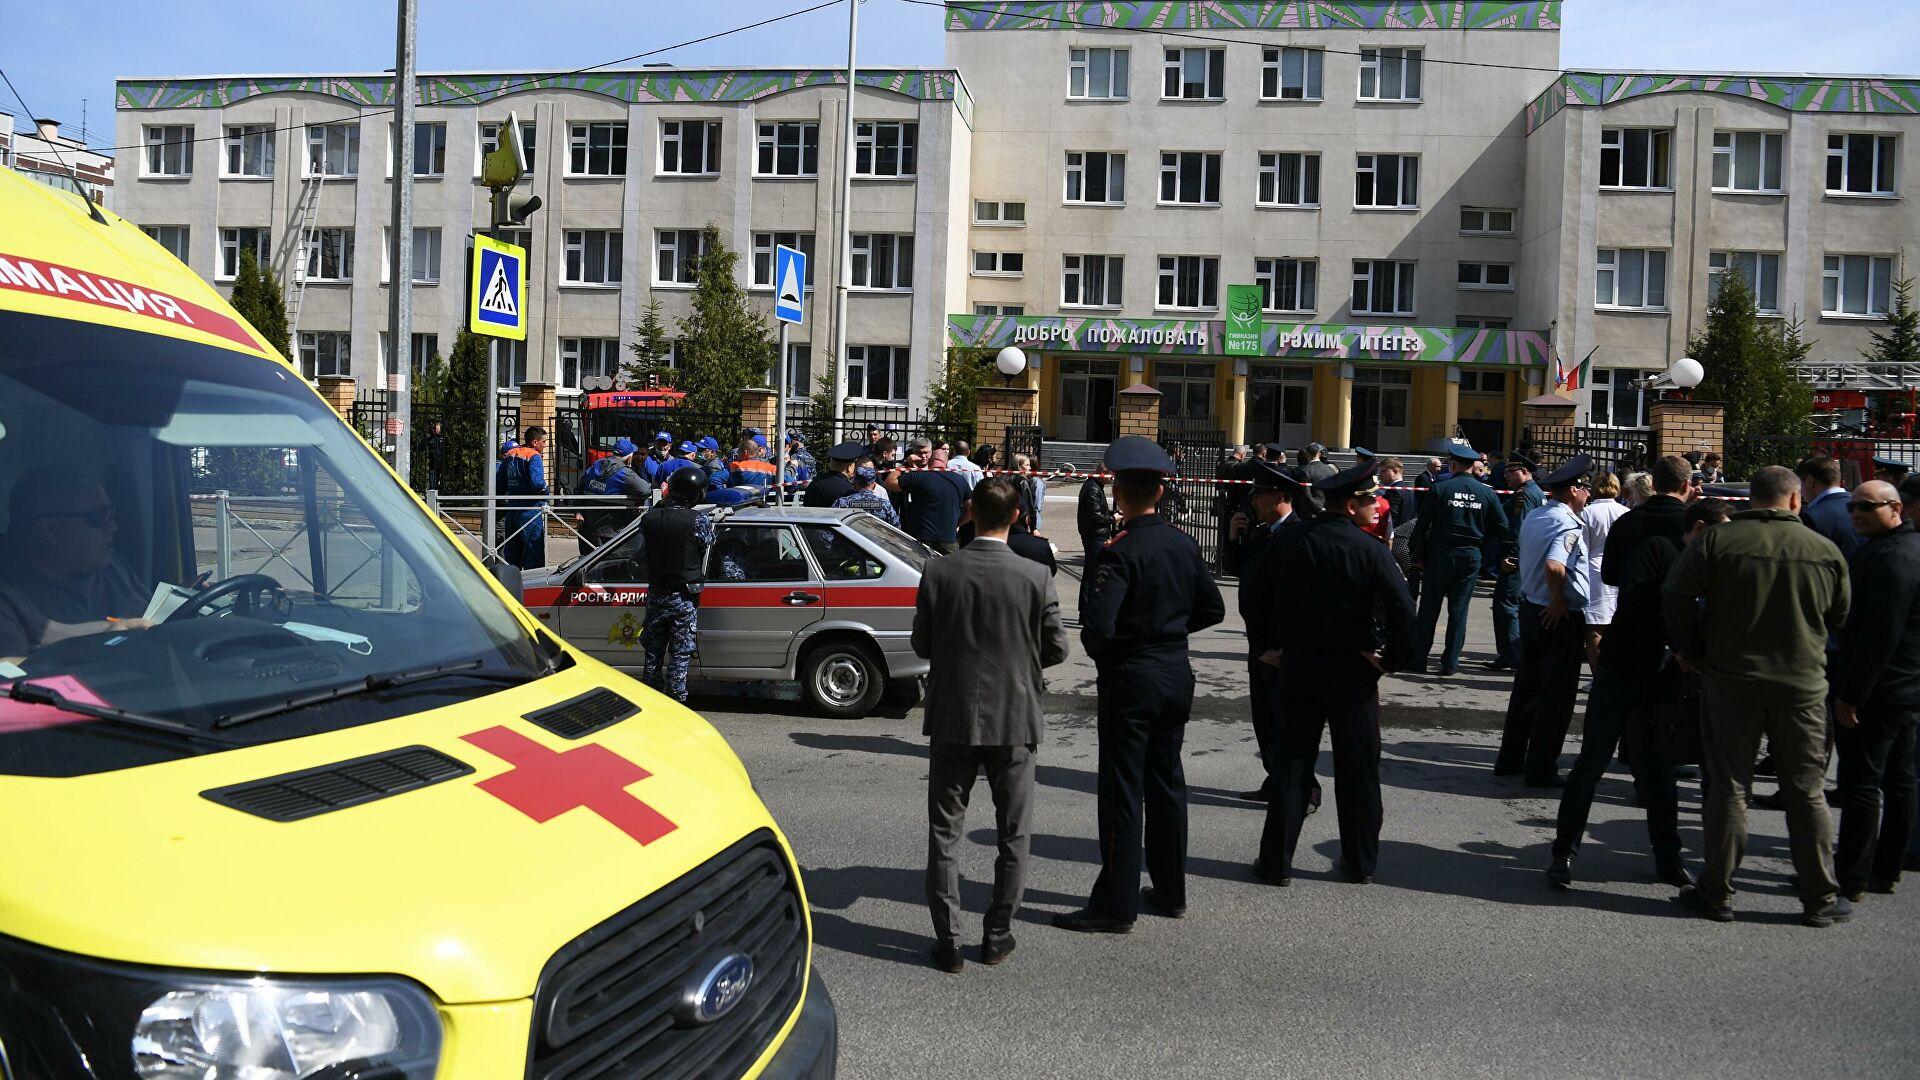 В школе в Казани произошла стрельба. Погибли 11 человек В школе в Казани произошла стрельба. Погибли 13 человек